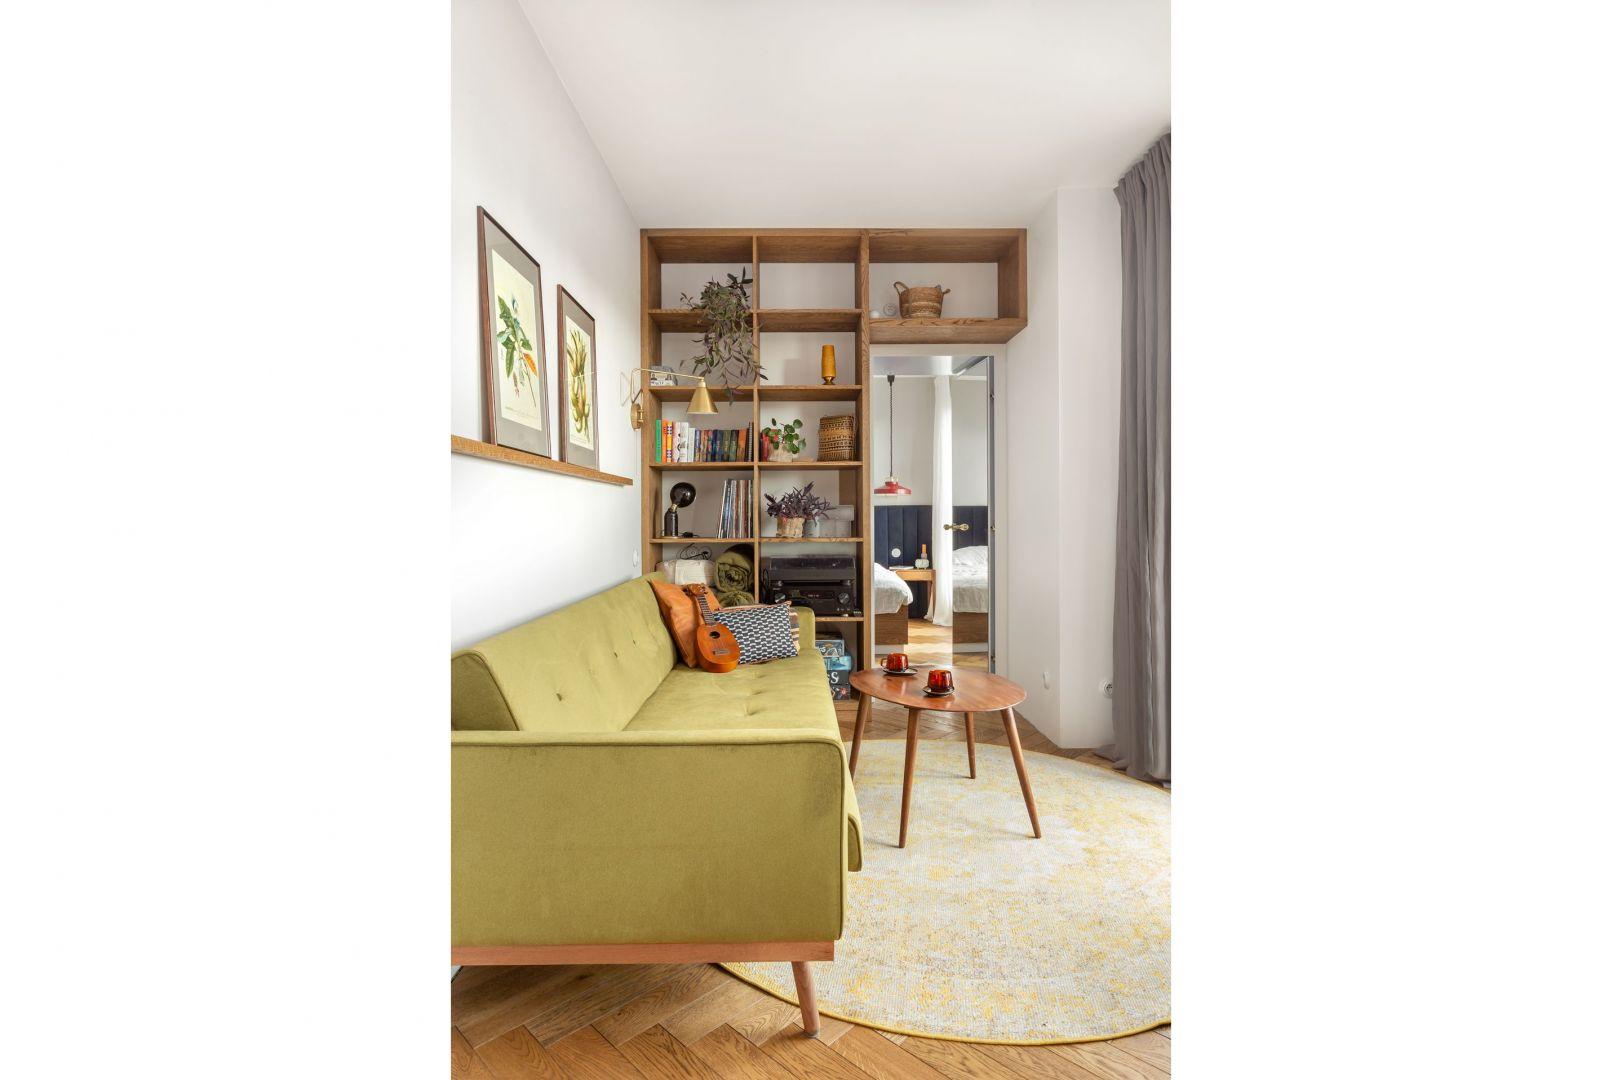 Indywidualne rozwiązania sprawiły, że to mieszkanie jest maksymalnie dostosowane do potrzeb właścicieli. Projekt: Patrycja Morawska. Fot. Anna Laskowska/Dekorialove